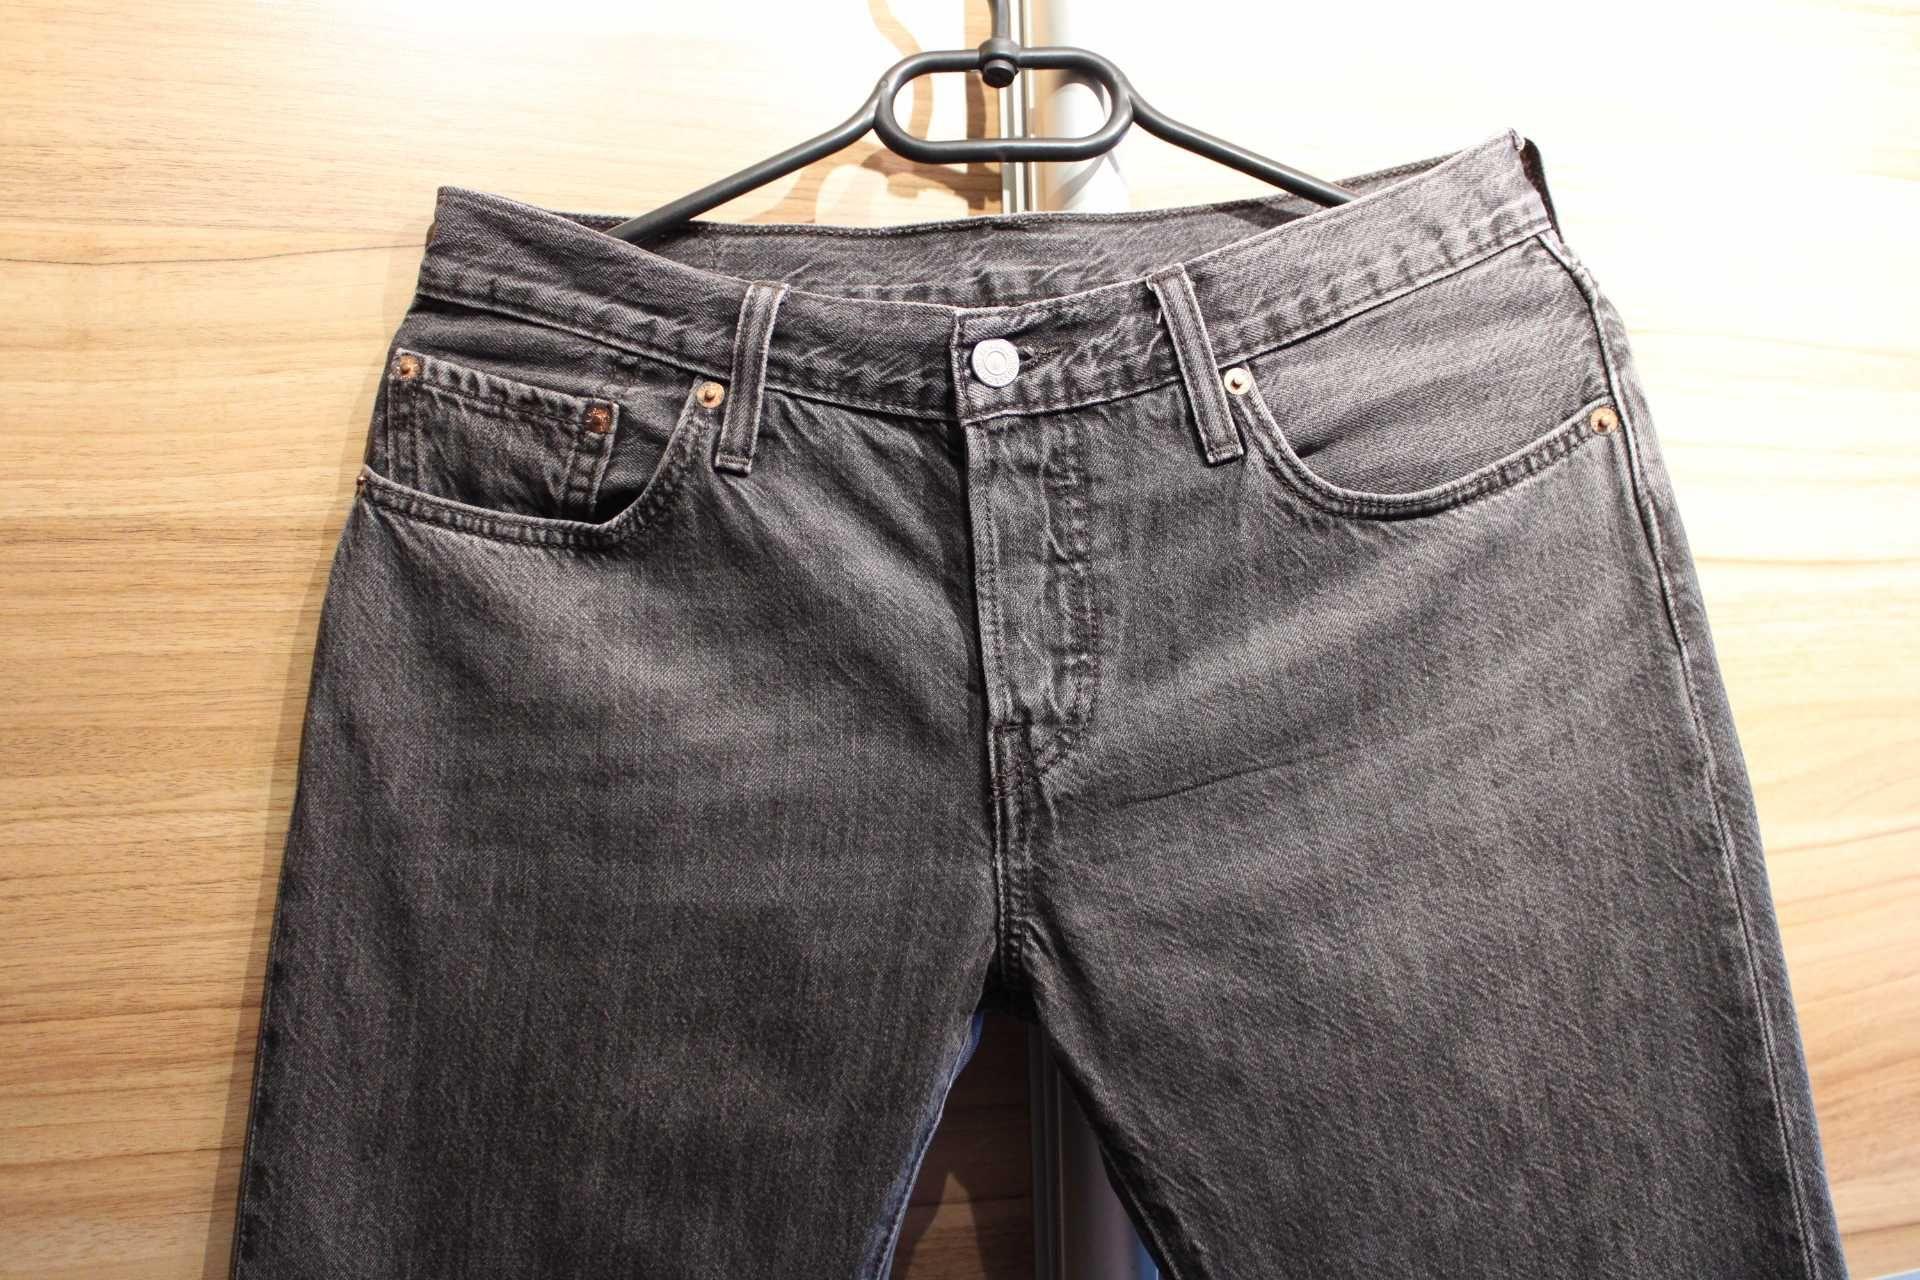 OKAZJA! Spodnie jeans damskie Levis 501,czarne,rozm.26/34,stan bdb